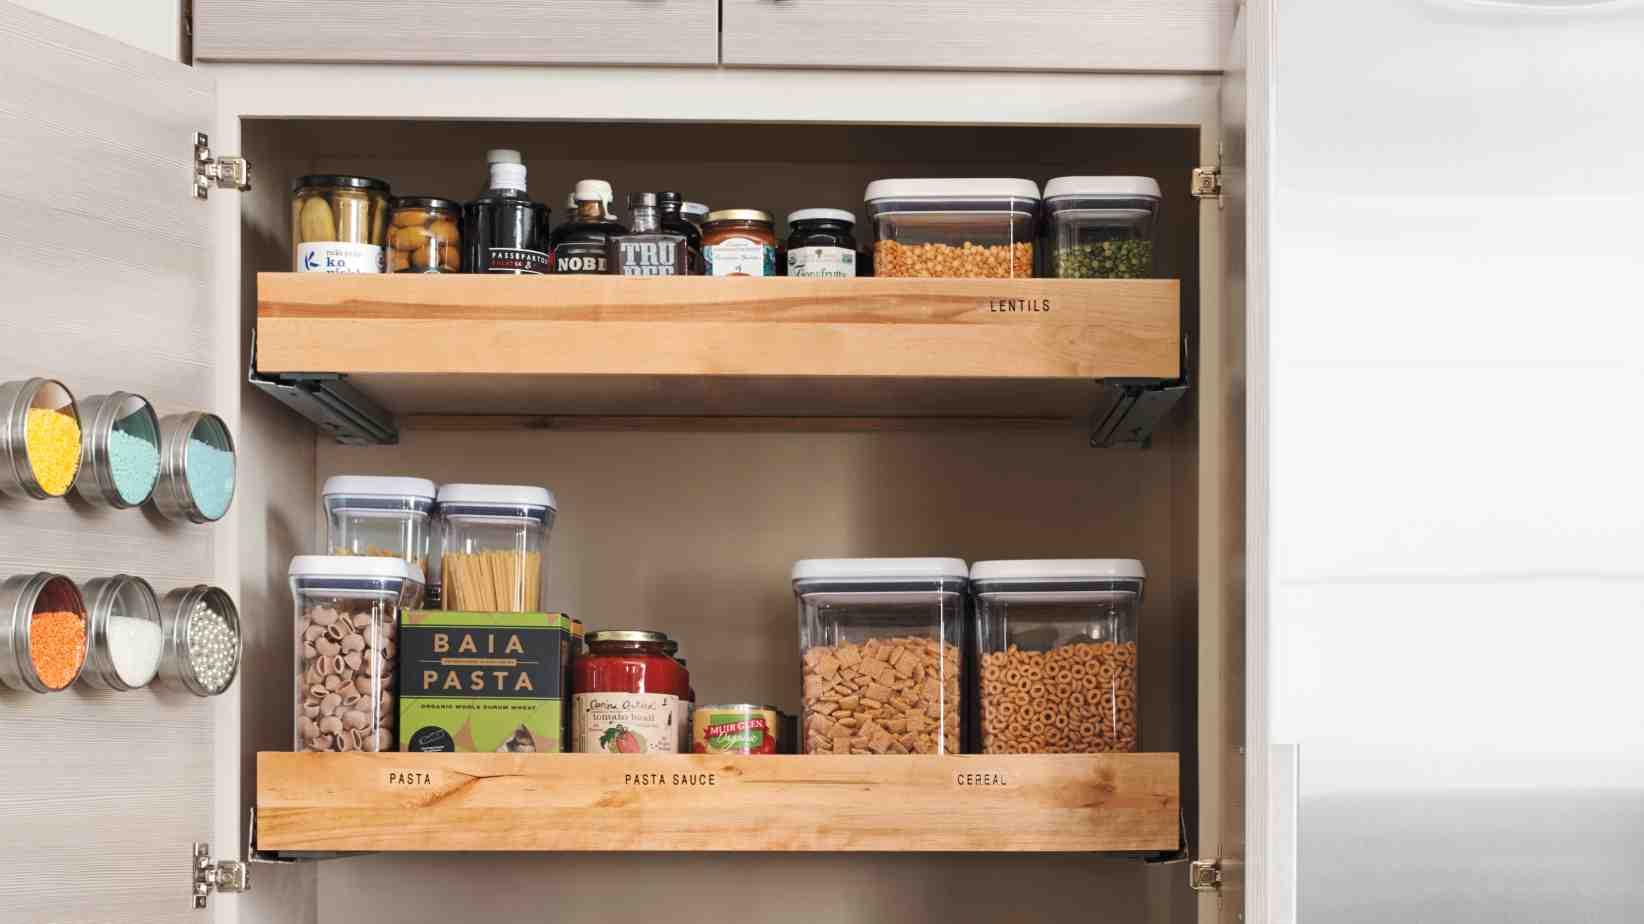 تصویر از ایدههایی به درد بخور برای چیدمان ظروف در کابینت آشپزخانه